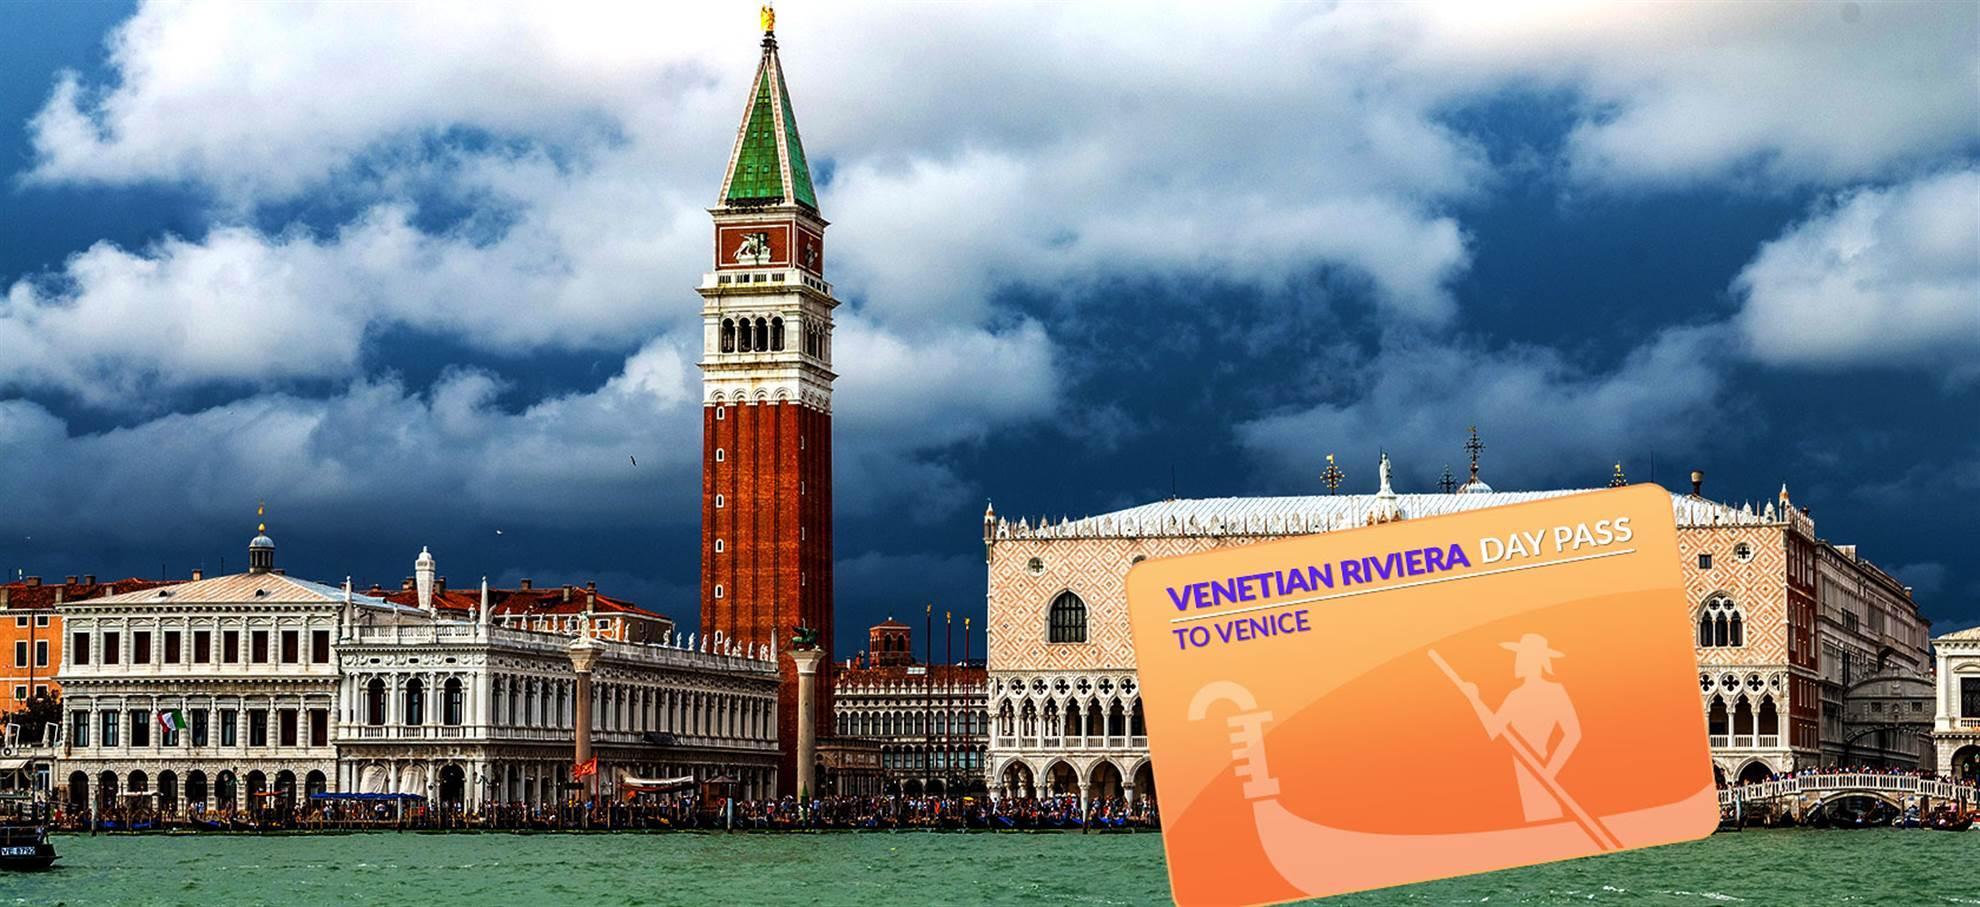 Venezianische-Riviera-Tageskarte nach Venedig